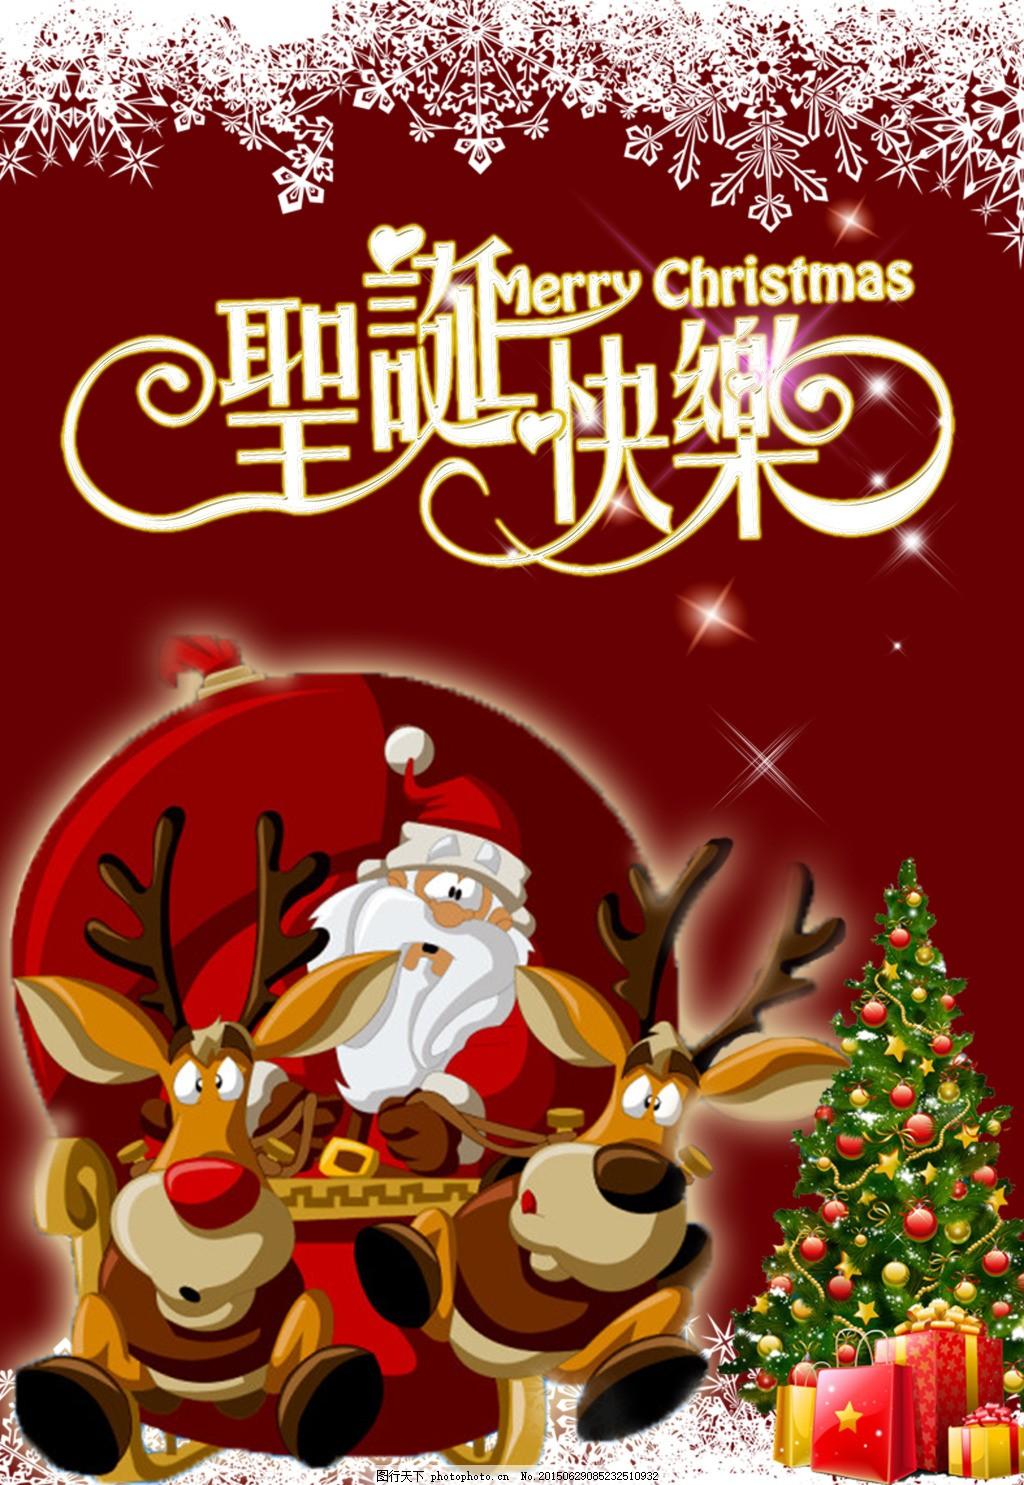 圣诞海报 圣诞老人 麋鹿 雪花 红色